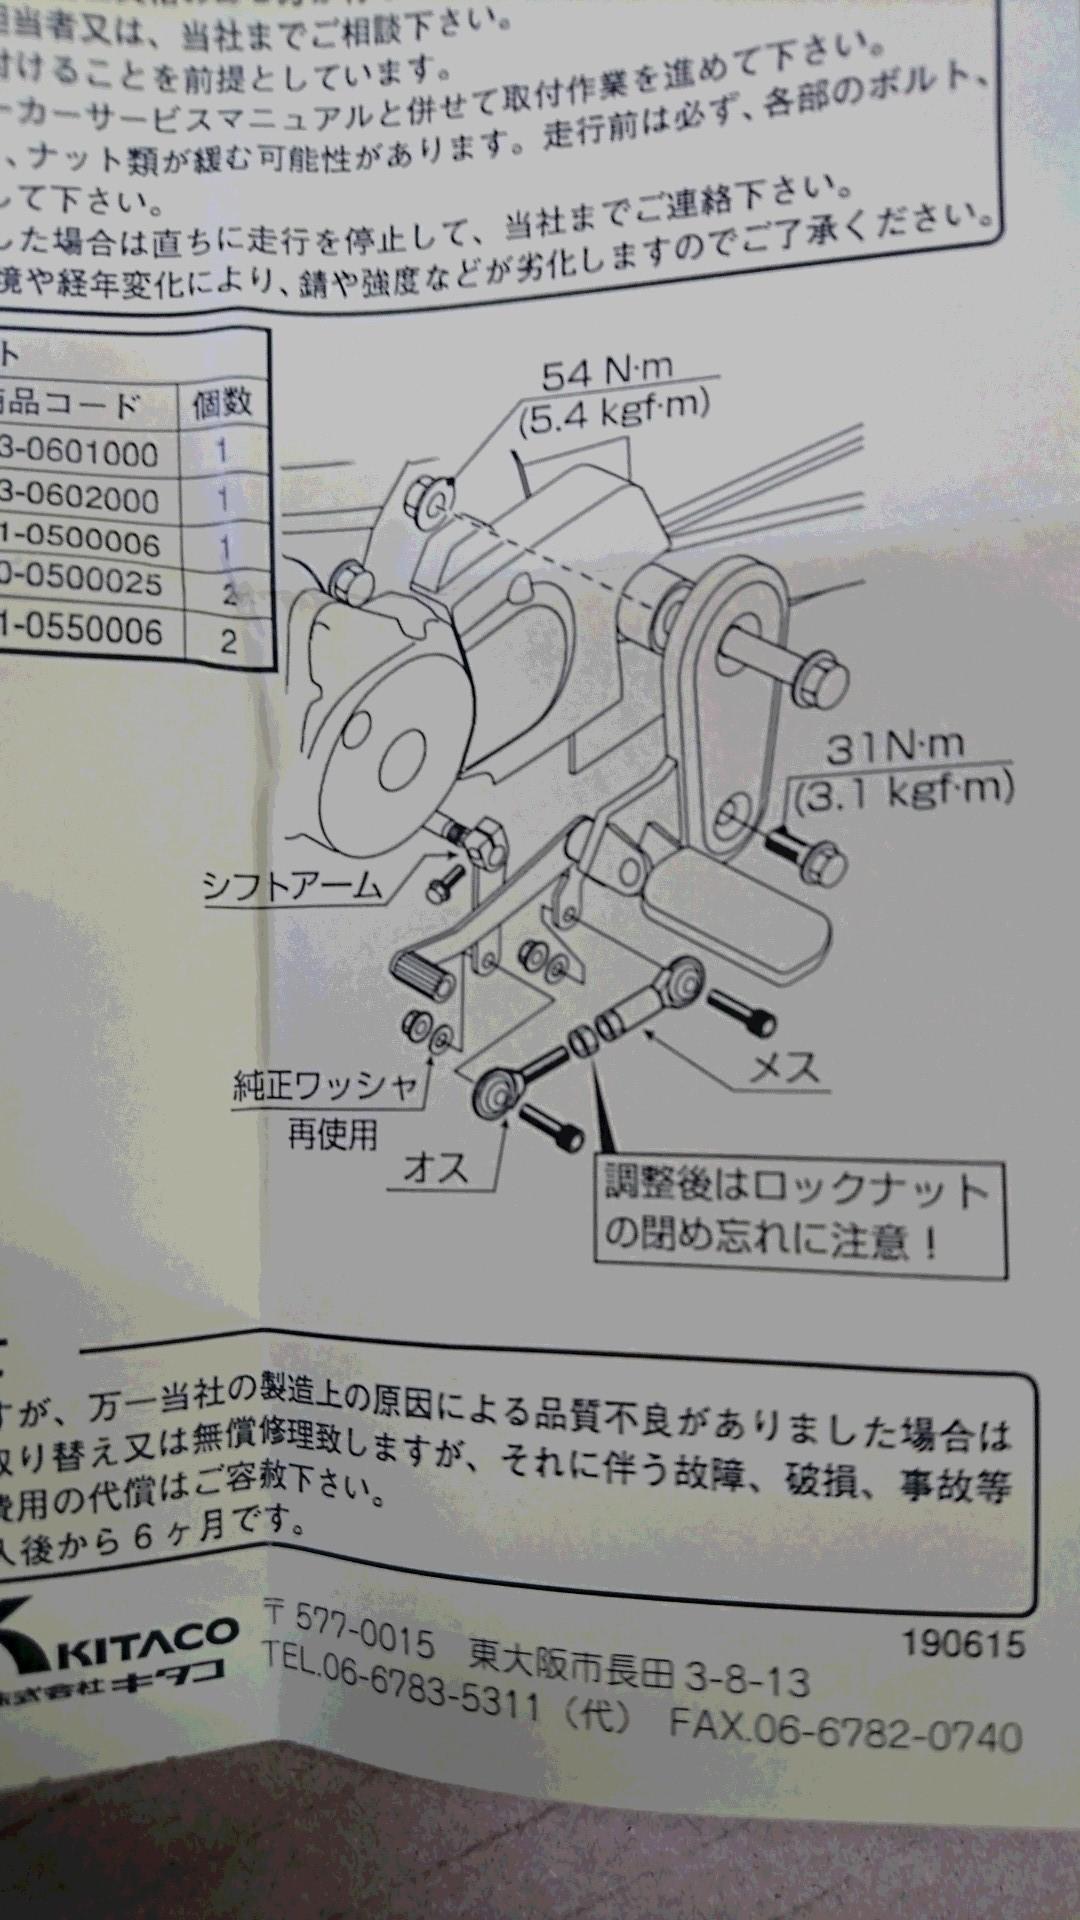 モンキ-125カスタムブログ【シフトチェンジ強化パーツ編】_b0163075_12392315.jpg